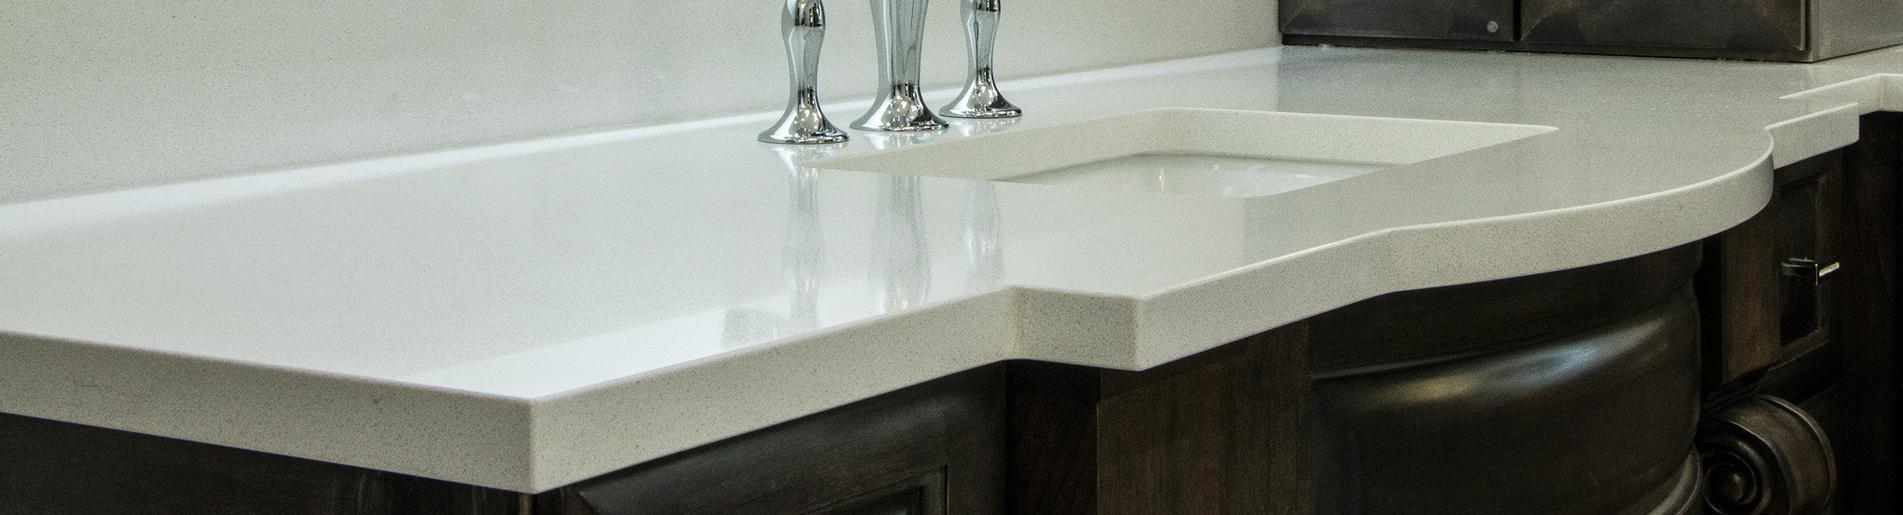 13-sta-granite-white-countertops-cambria-c